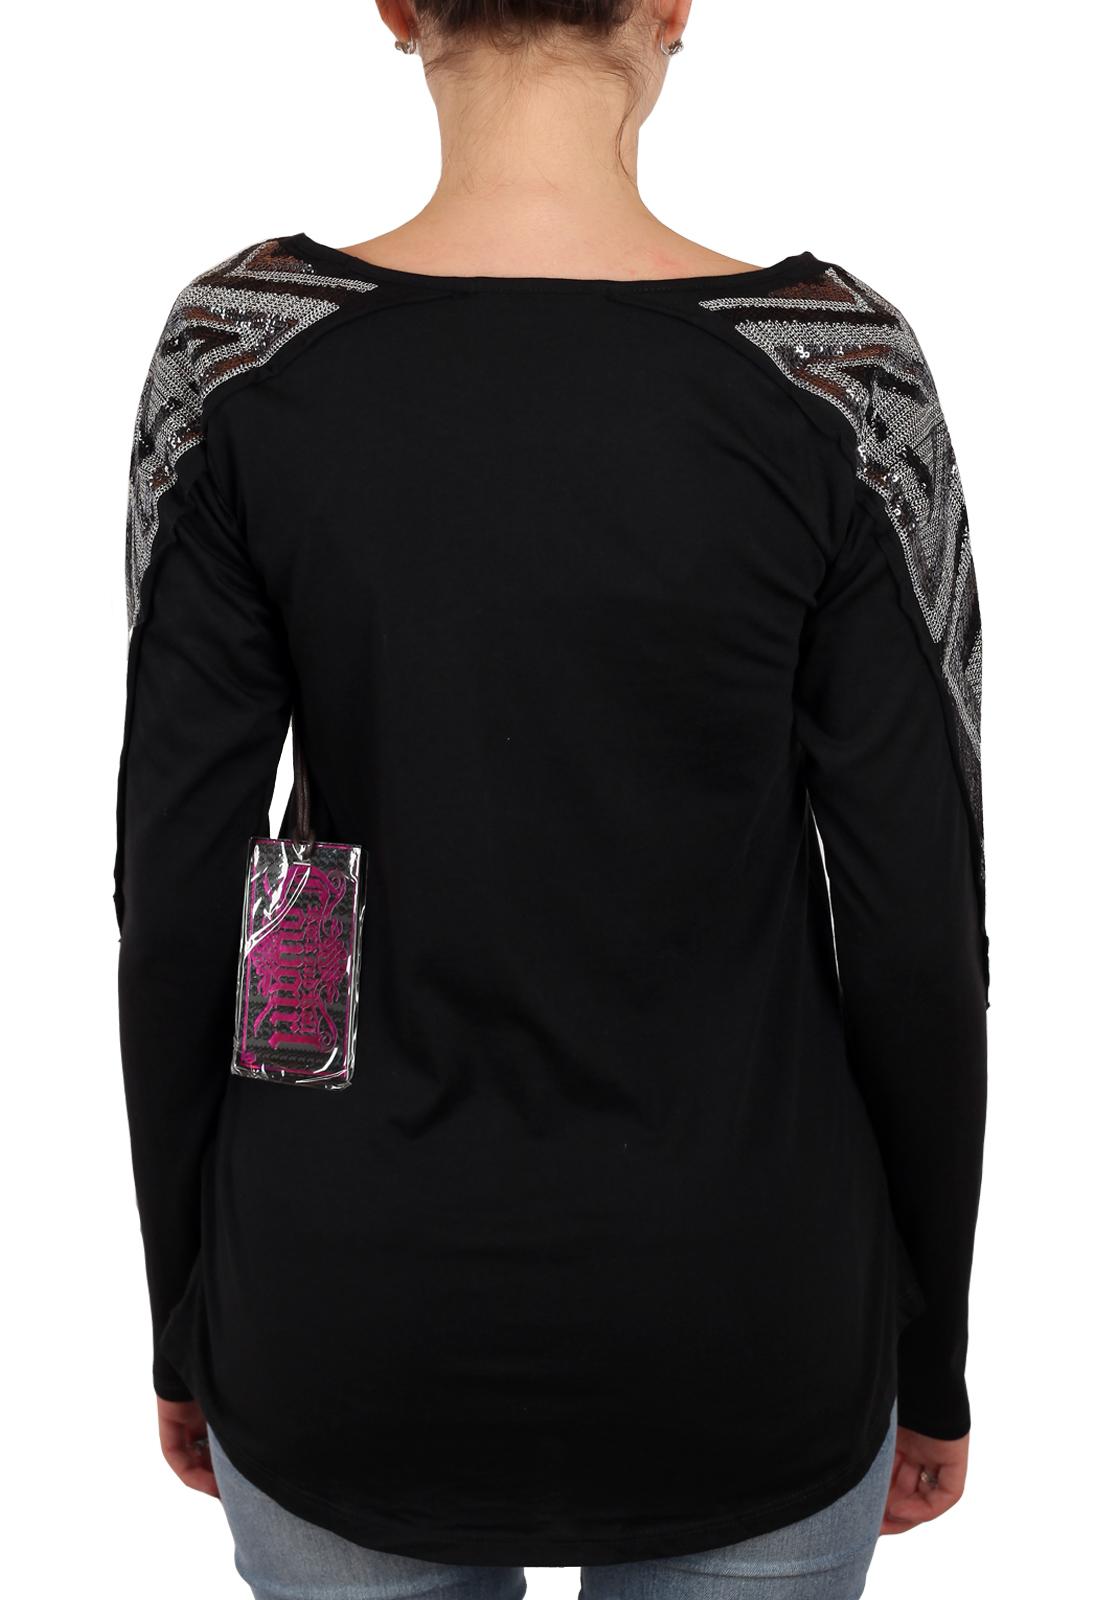 Весенне-осенняя гламурная женская кофта Rock and Roll Cowgirl. Беспроигрышный цвет и декор, который выбирают и женщины, и девушки